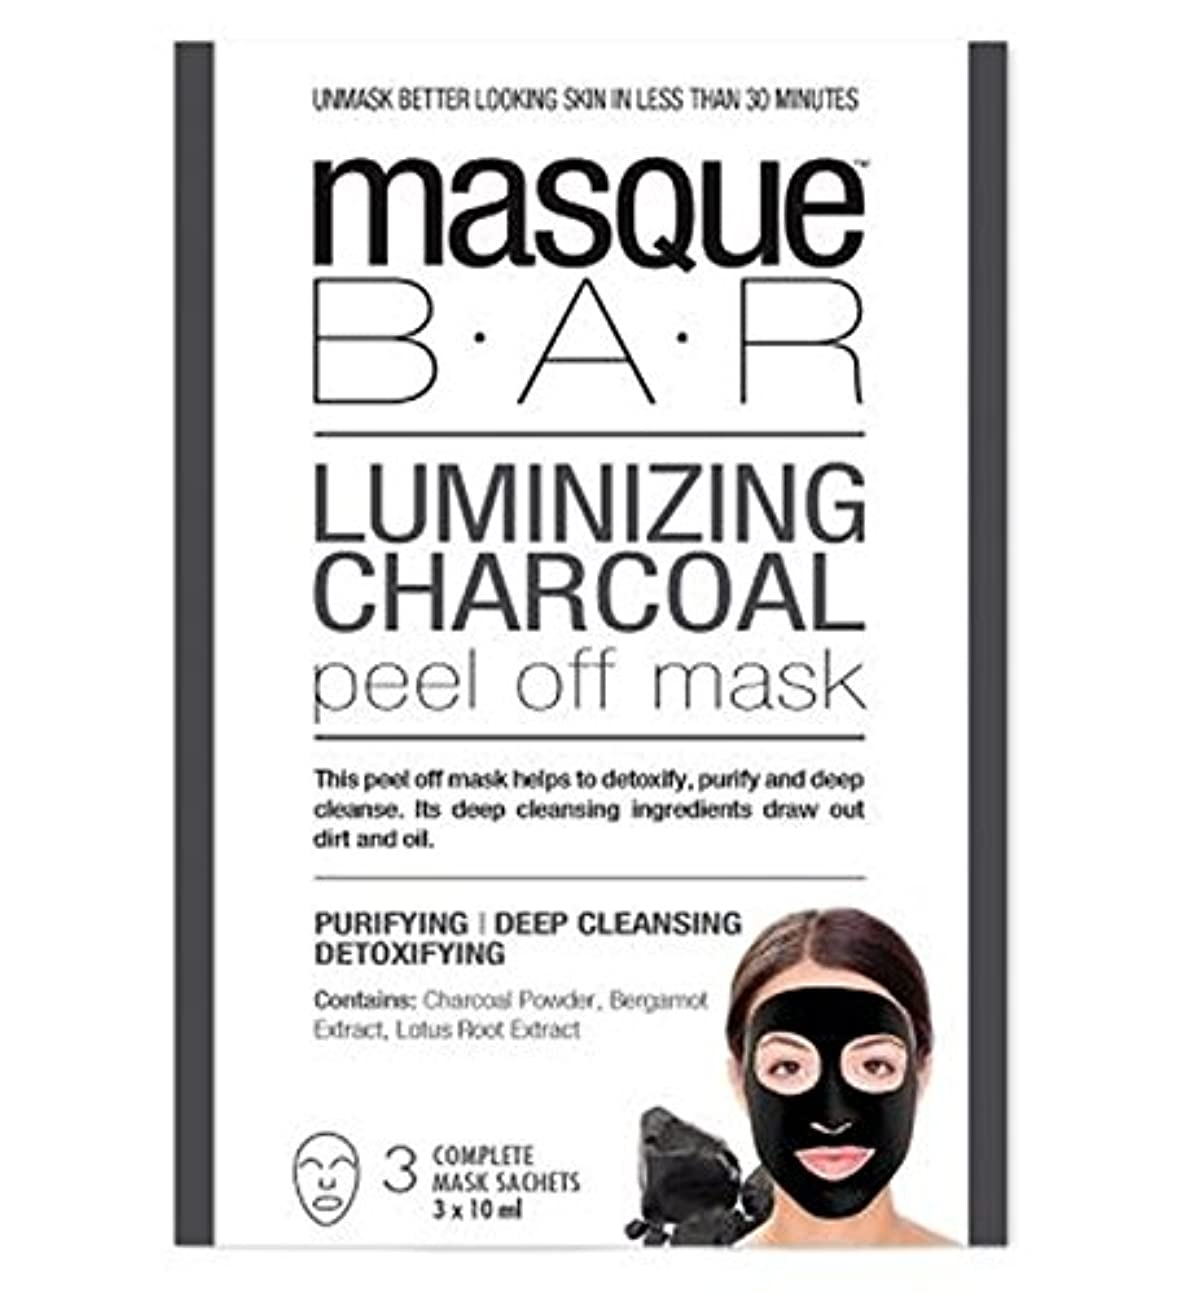 貝殻警告スタンド[P6B Masque Bar Bt] 仮面バーチャコールはがしマスクをルミナイジング - 3枚のマスク - Masque Bar Luminizing Charcoal Peel Off Mask - 3 Masks...